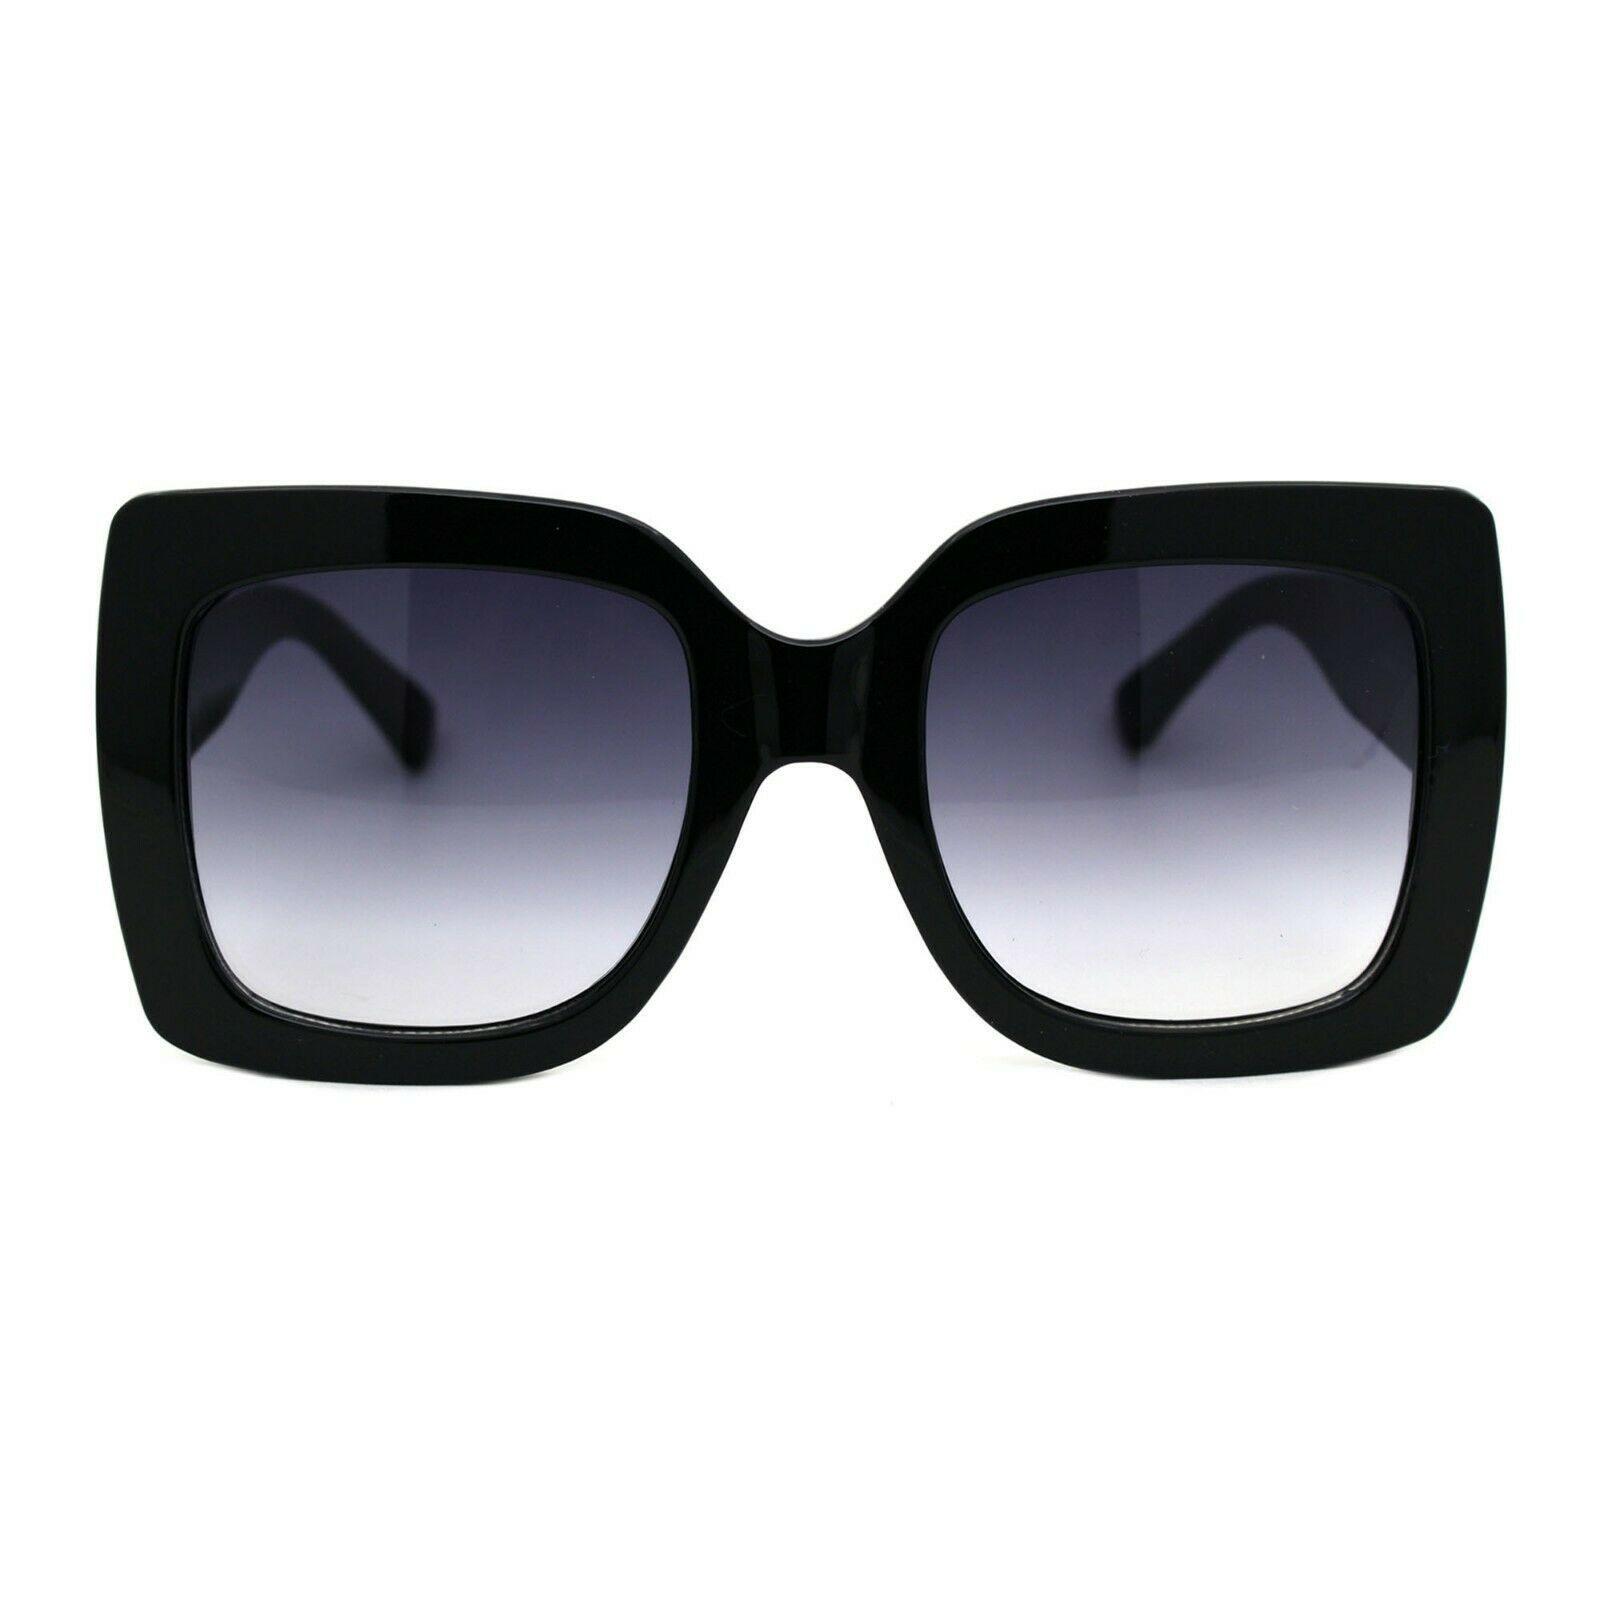 Womens Oversized Fashion Sunglasses Stylish Big Square Frame UV 400